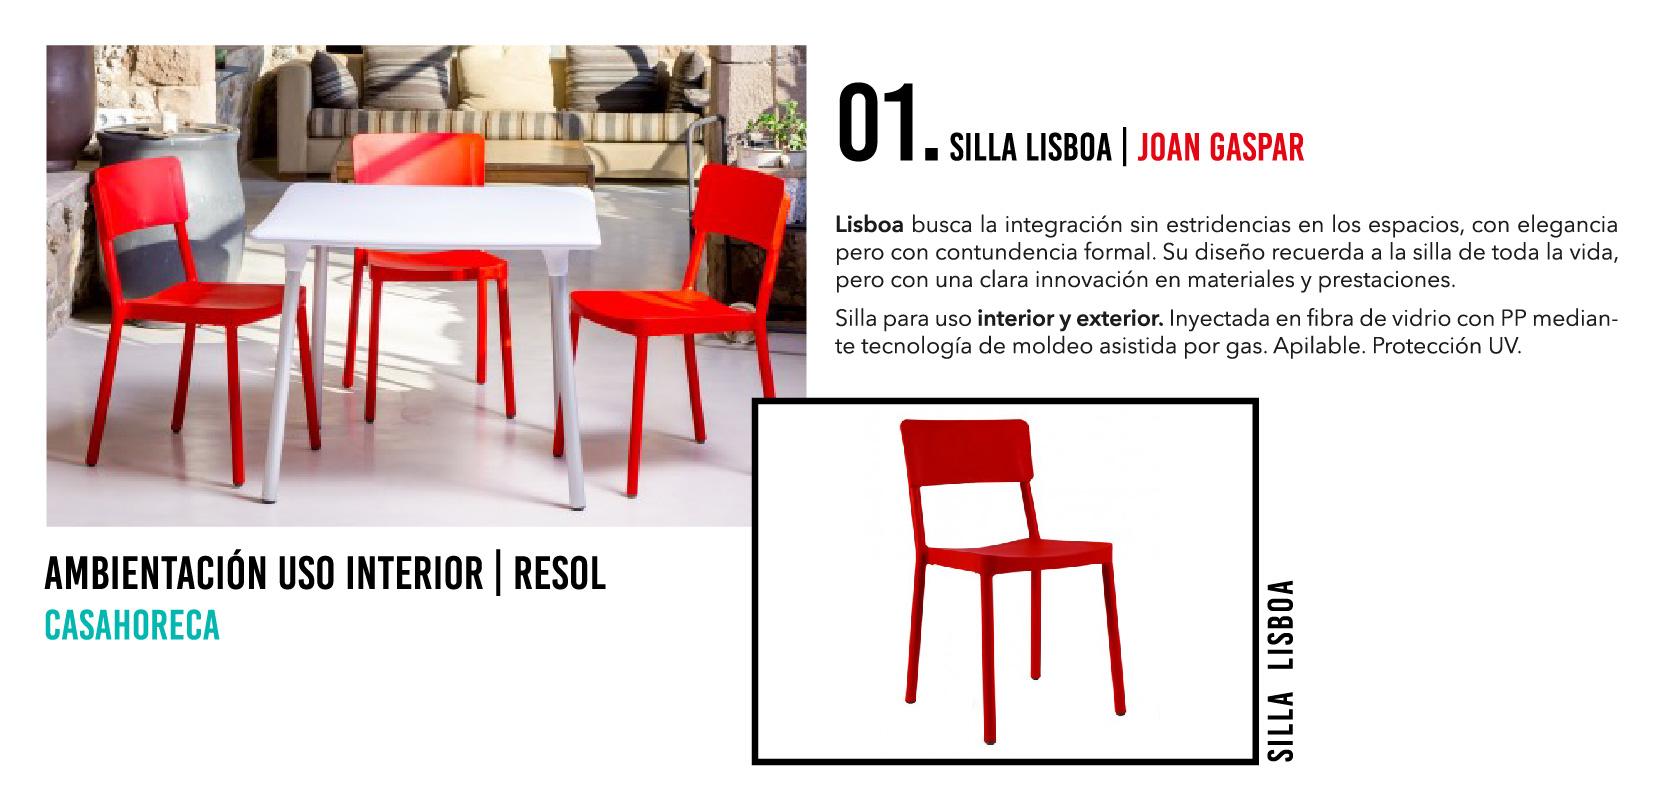 Silla Lisboa - Casahoreca.com